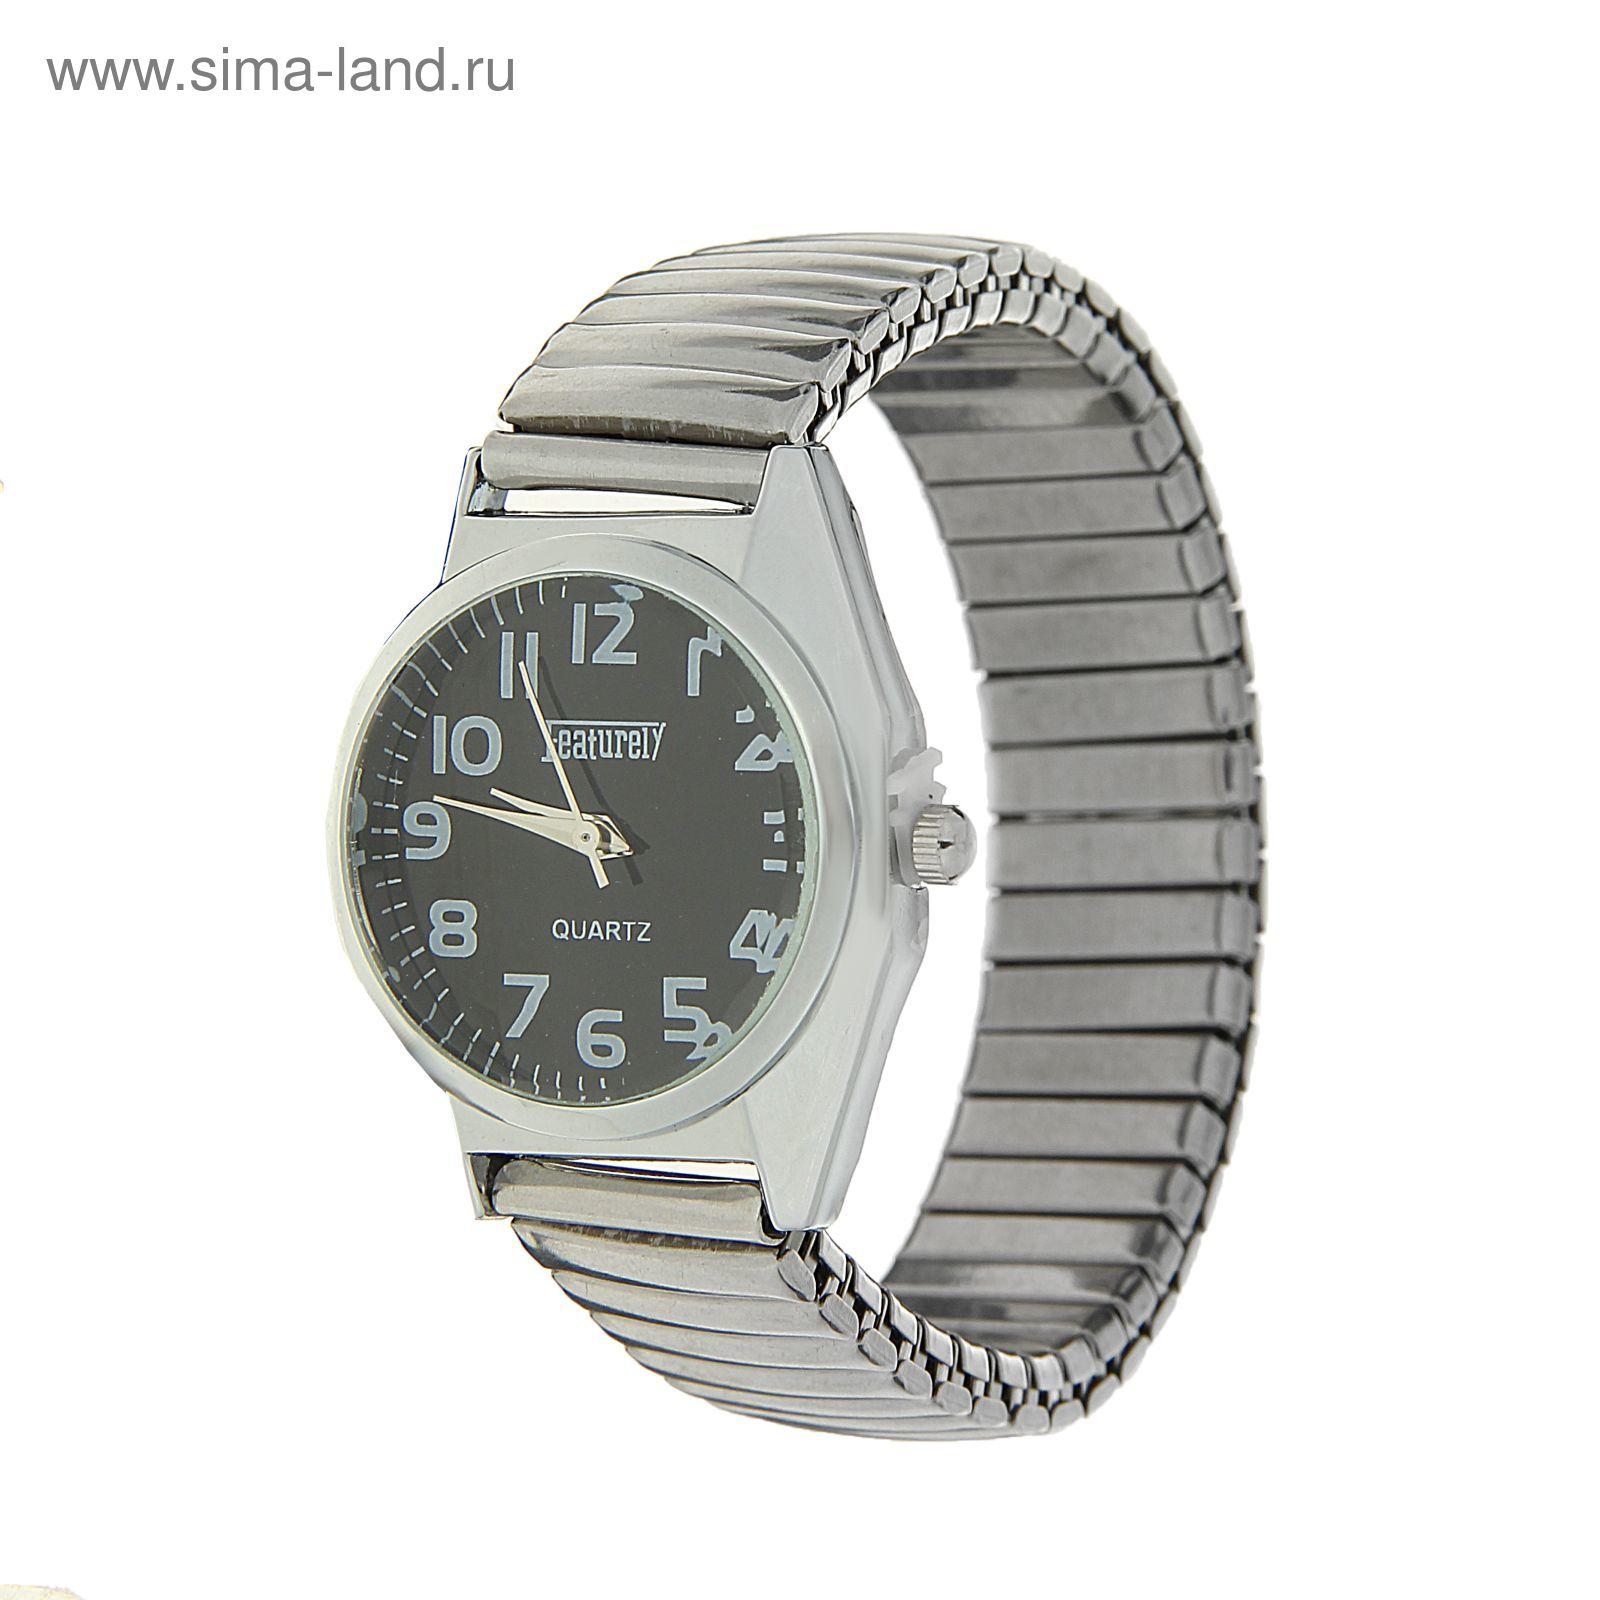 Купить часы с браслетом резинка купить часы с экг